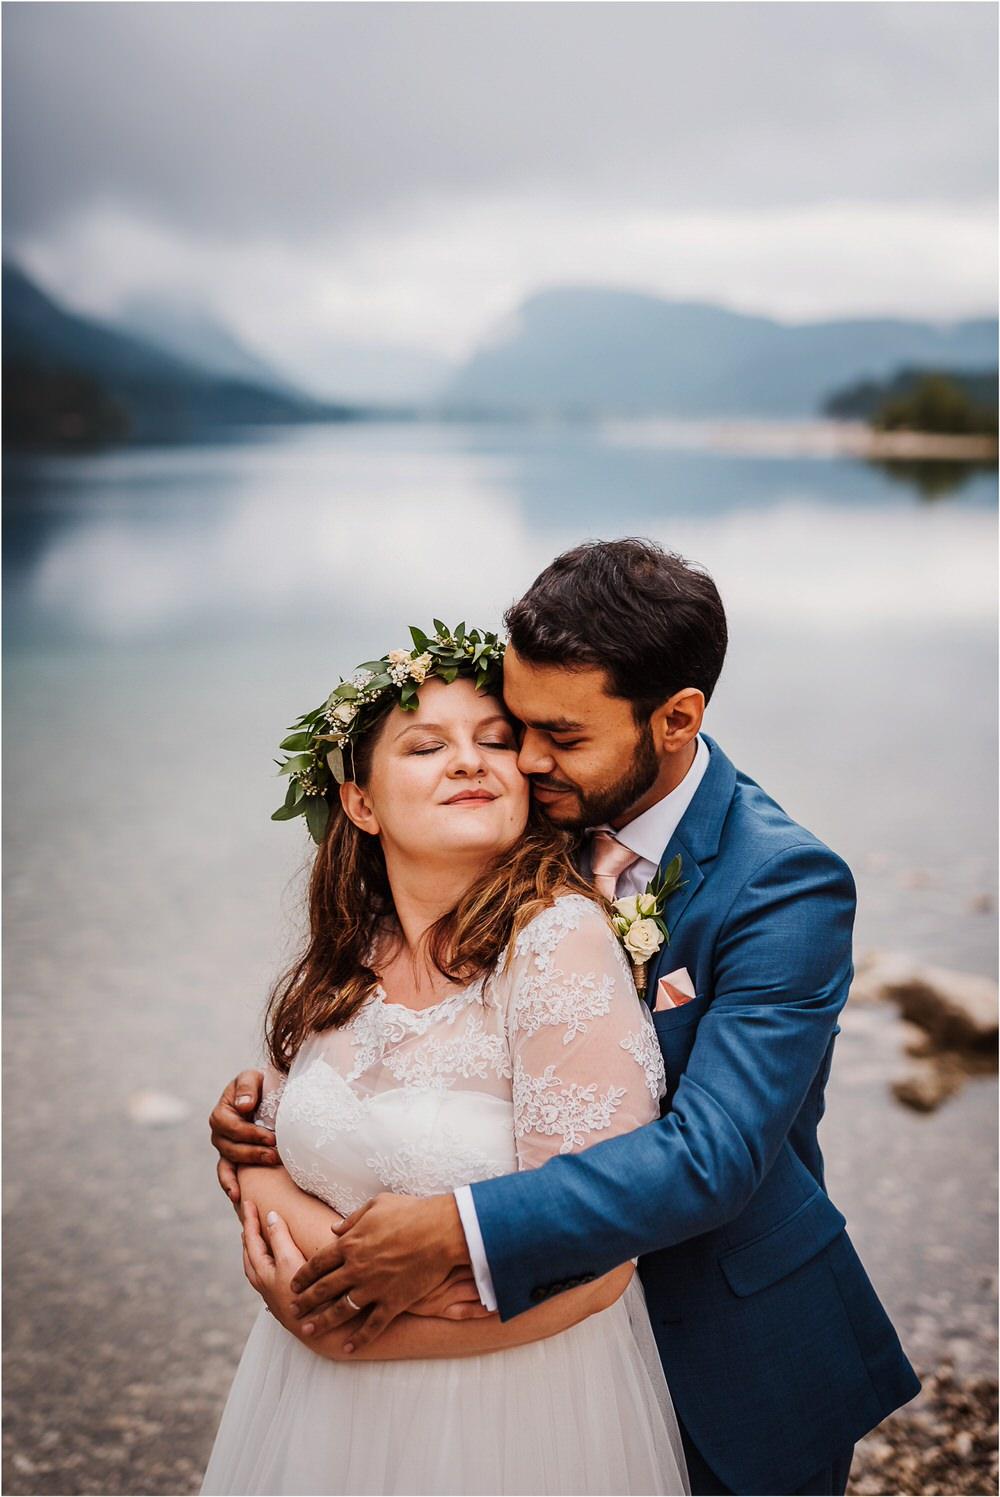 bohinj lake wedding boho chic rustic poroka bohinjsko jezero rustikalna fotograf fotografiranje poročni 0079.jpg